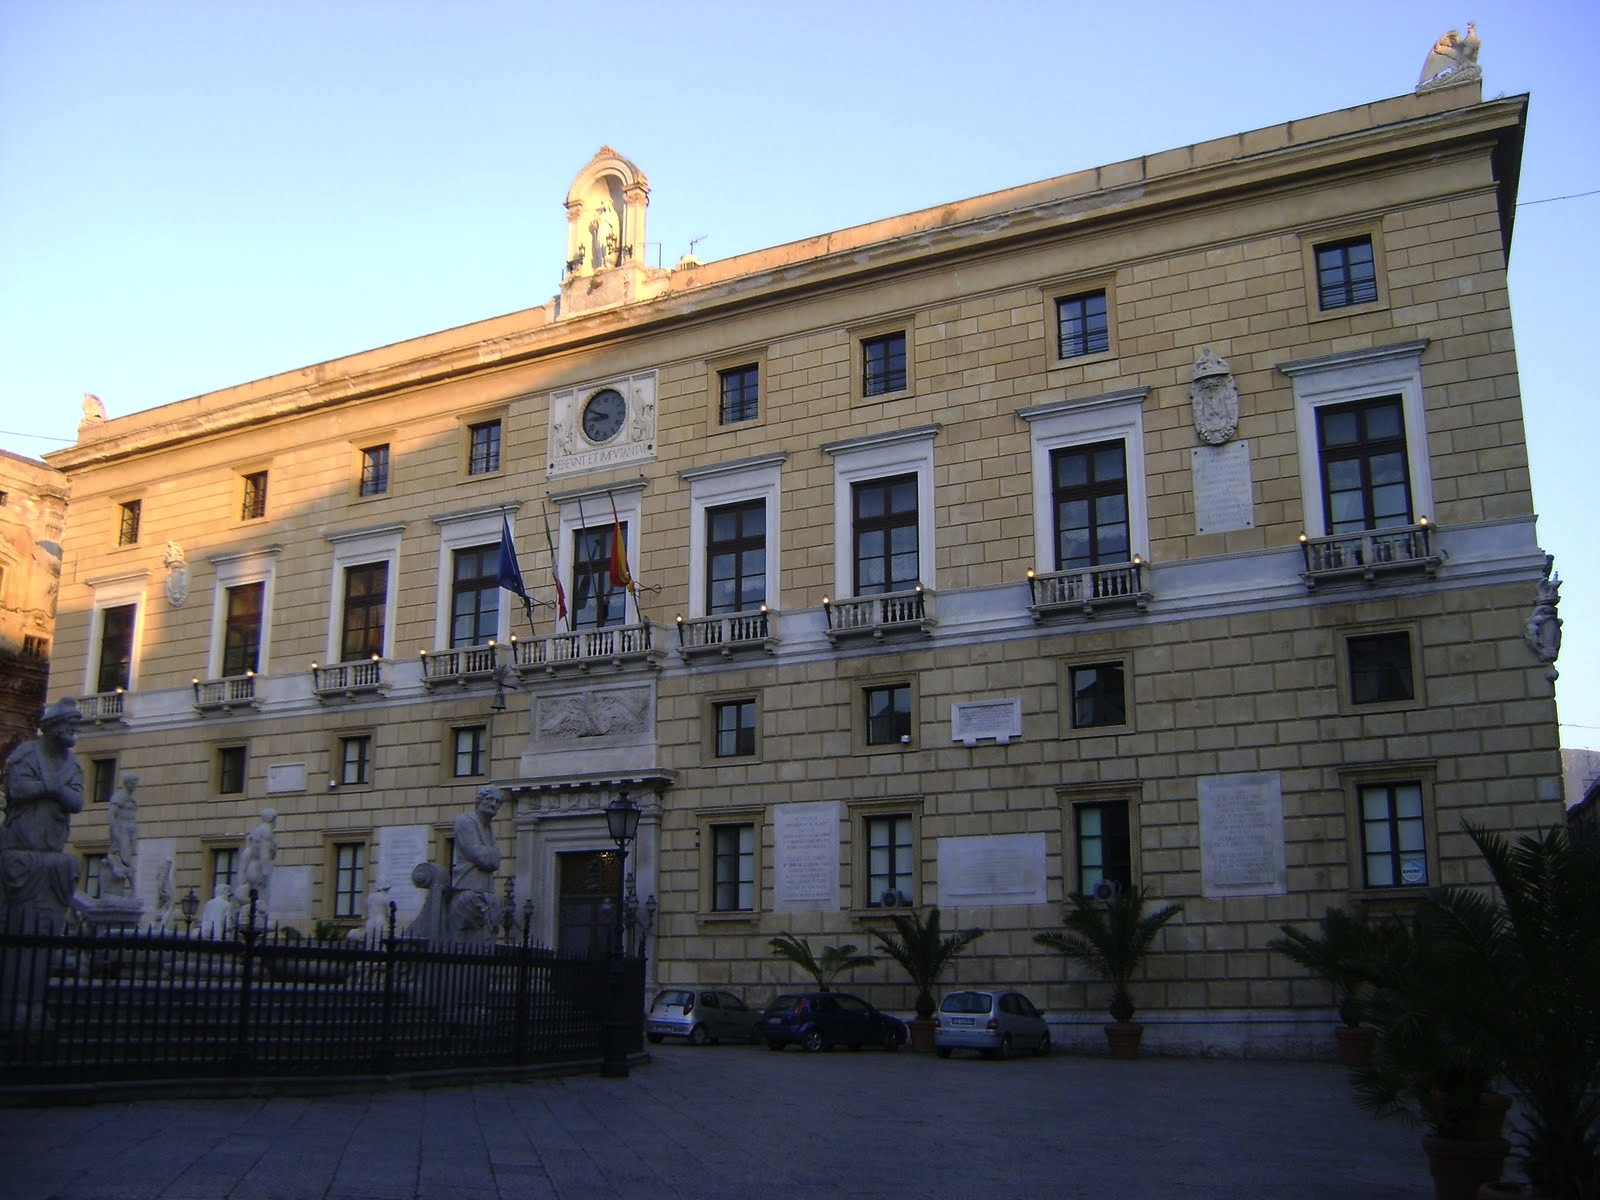 Palazzo delle Aquile